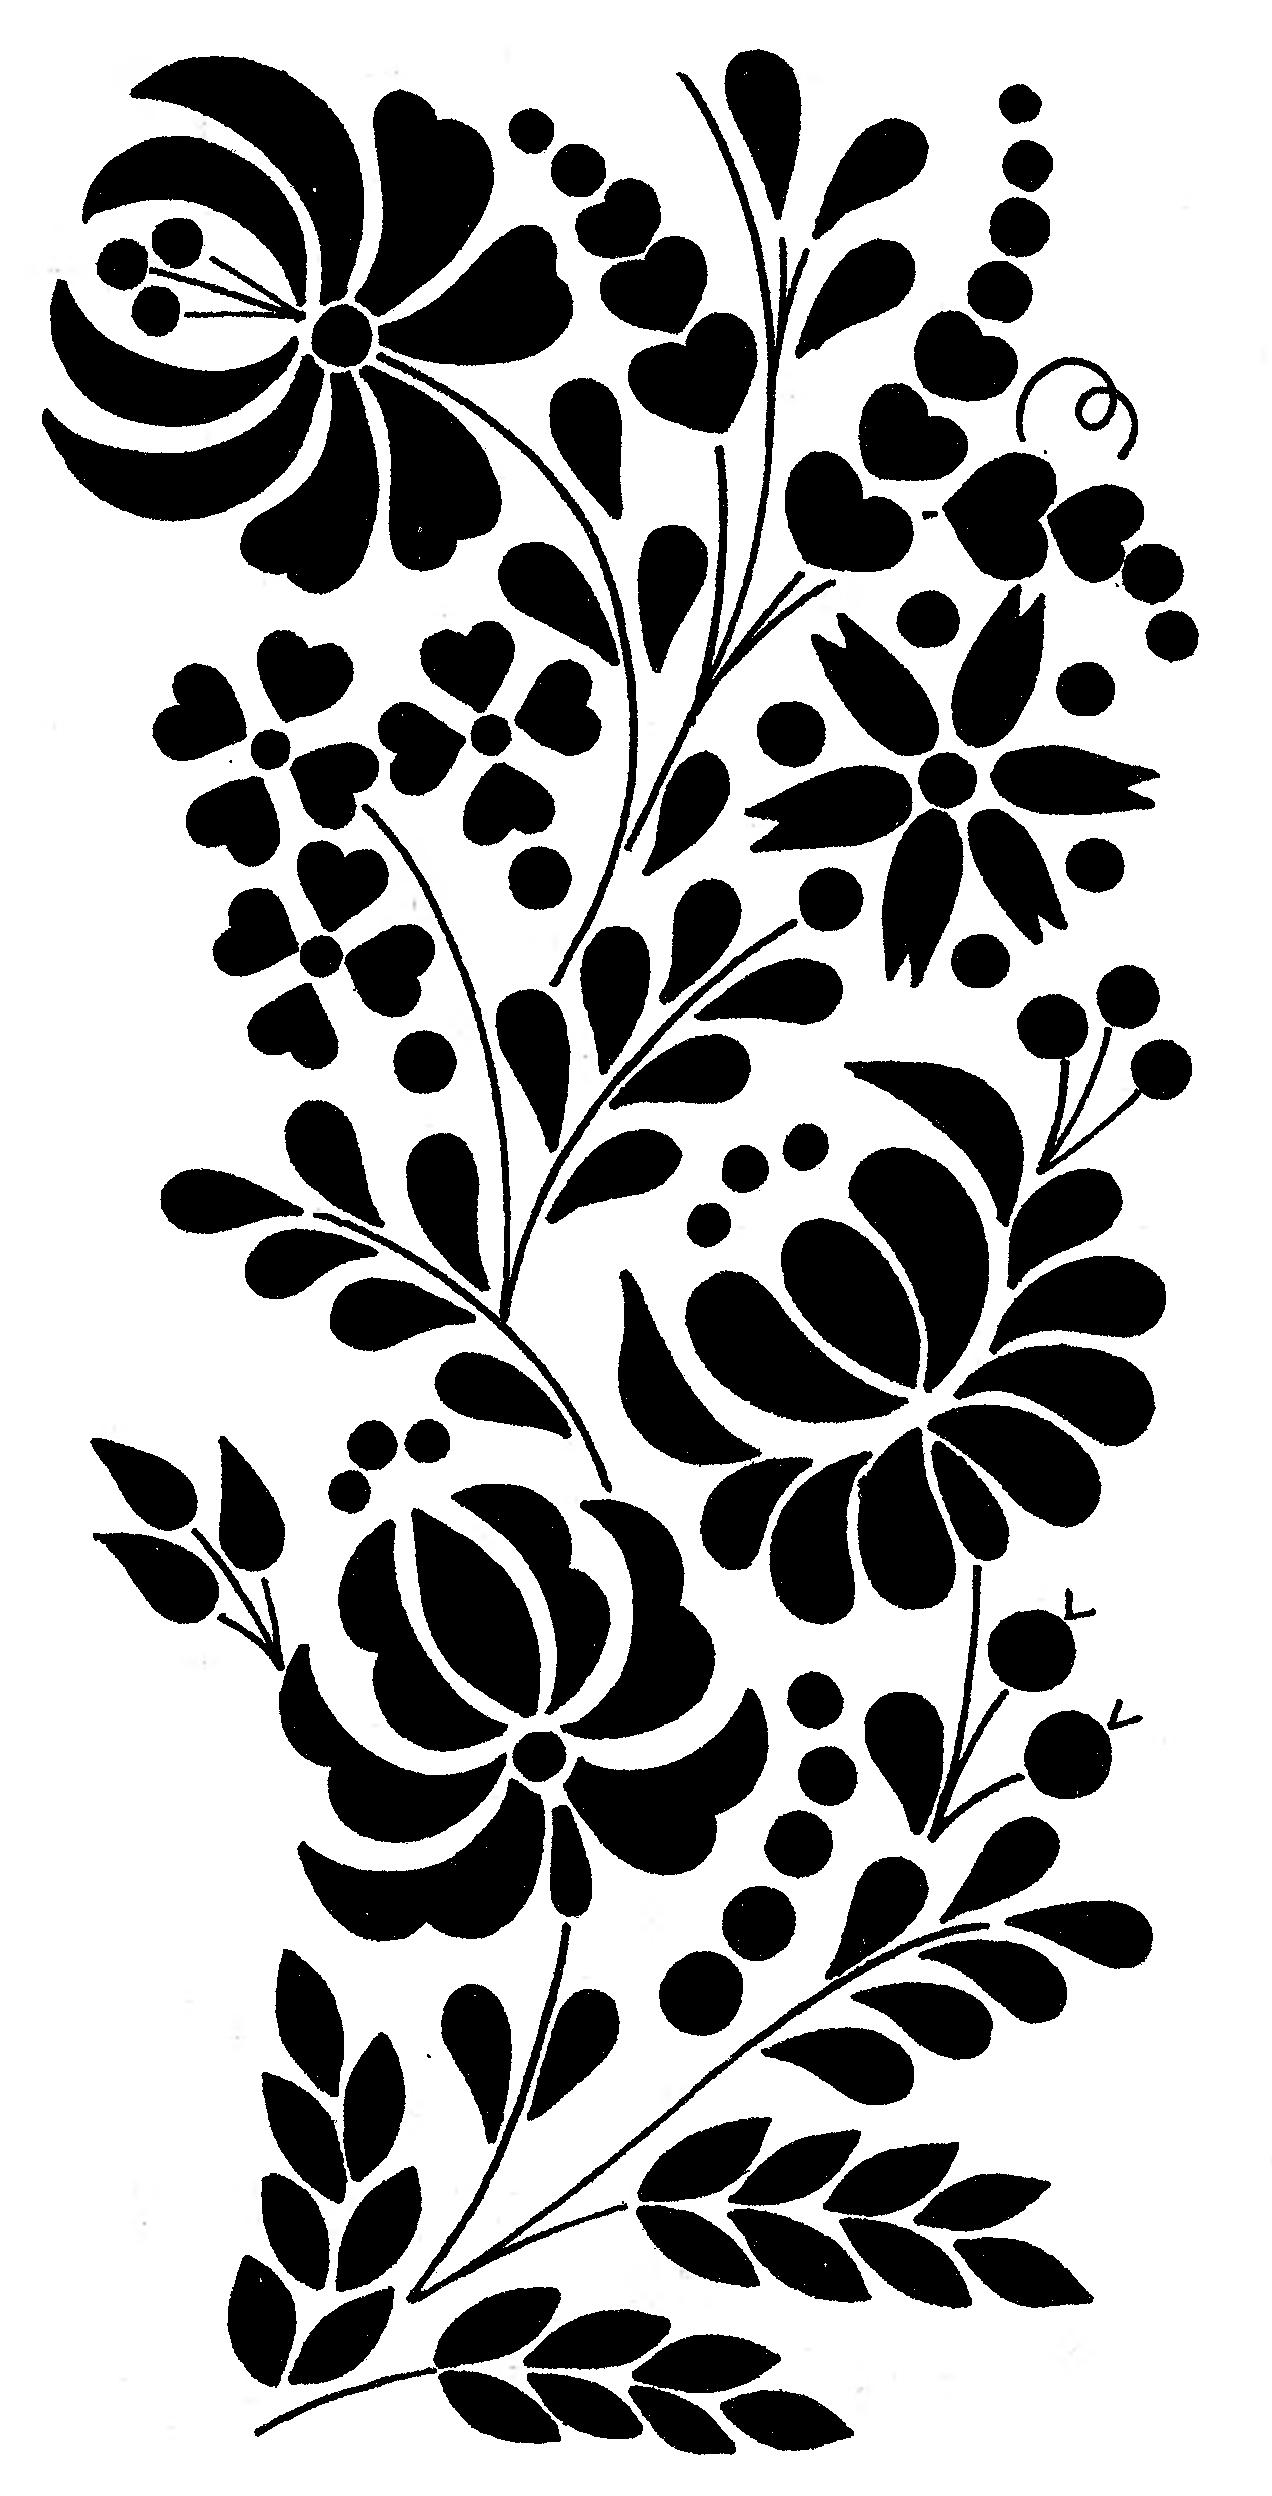 DIBUJO … | Bordado mano | Pinterest | Dibujo, Bordado y Bordados ...